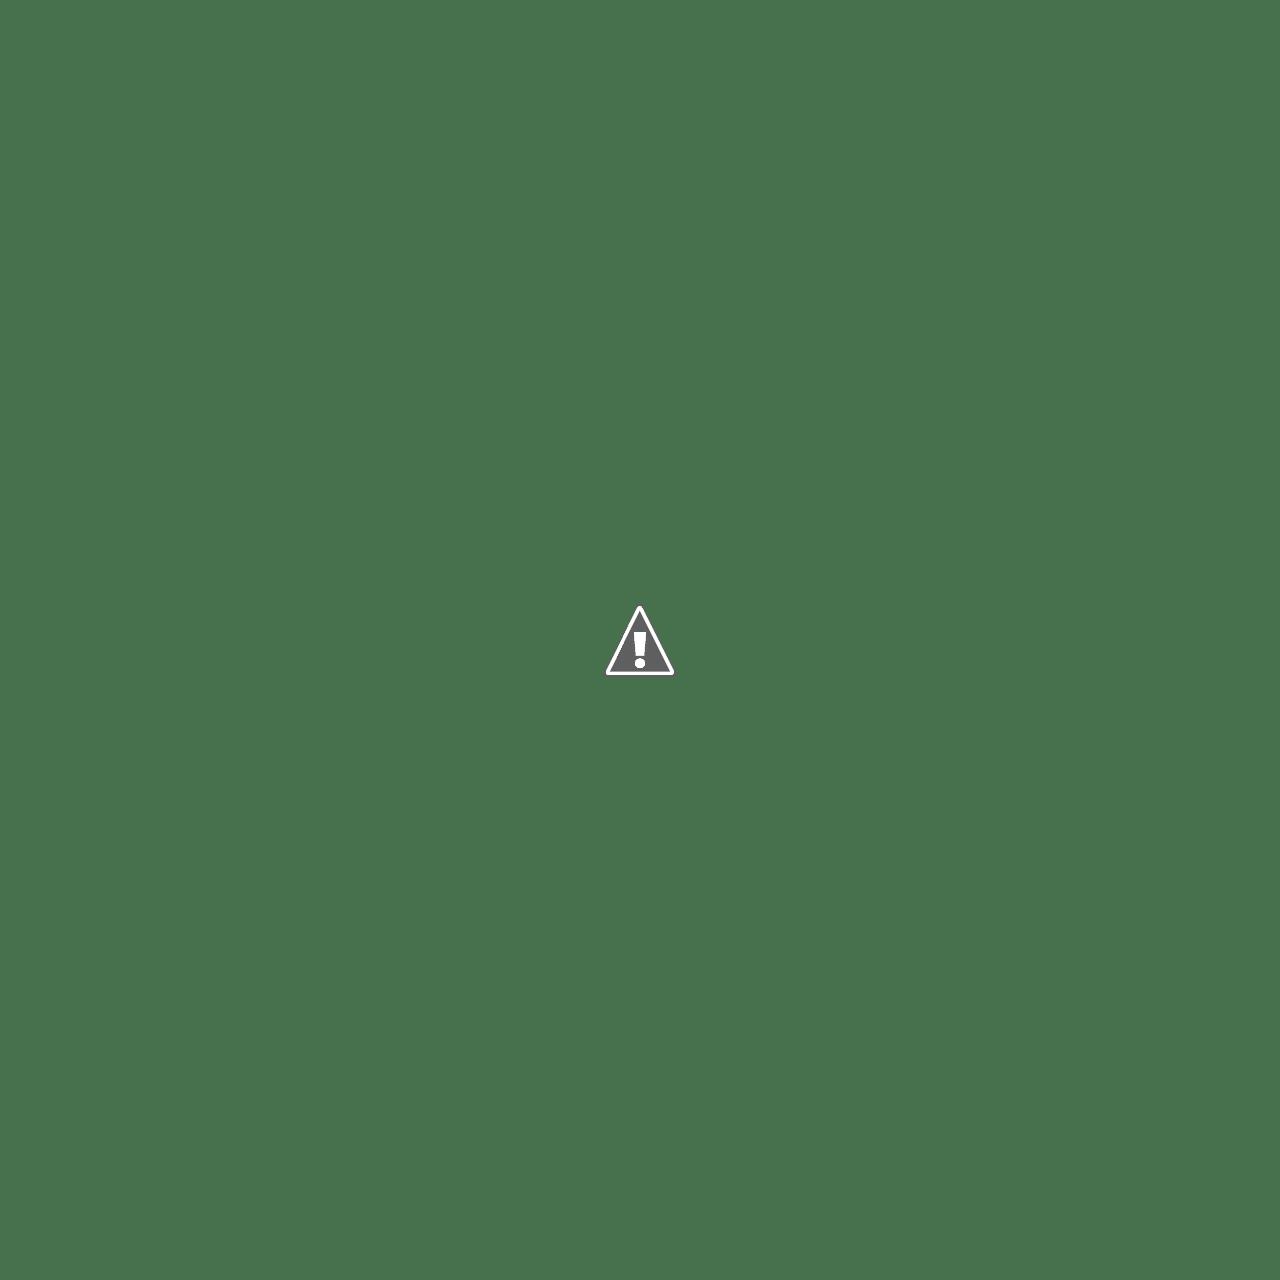 School Bus Services, School Transport Services, School Bus